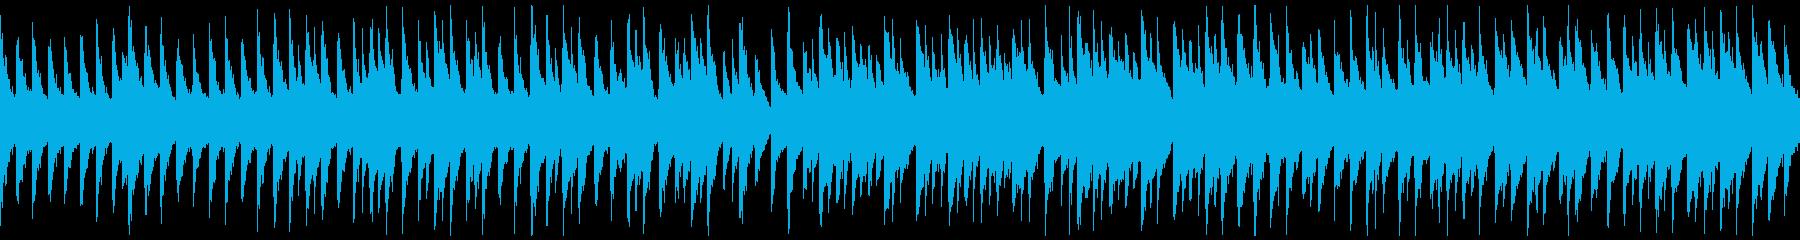 箏・神秘的・淡々・日常・和風BGMの再生済みの波形